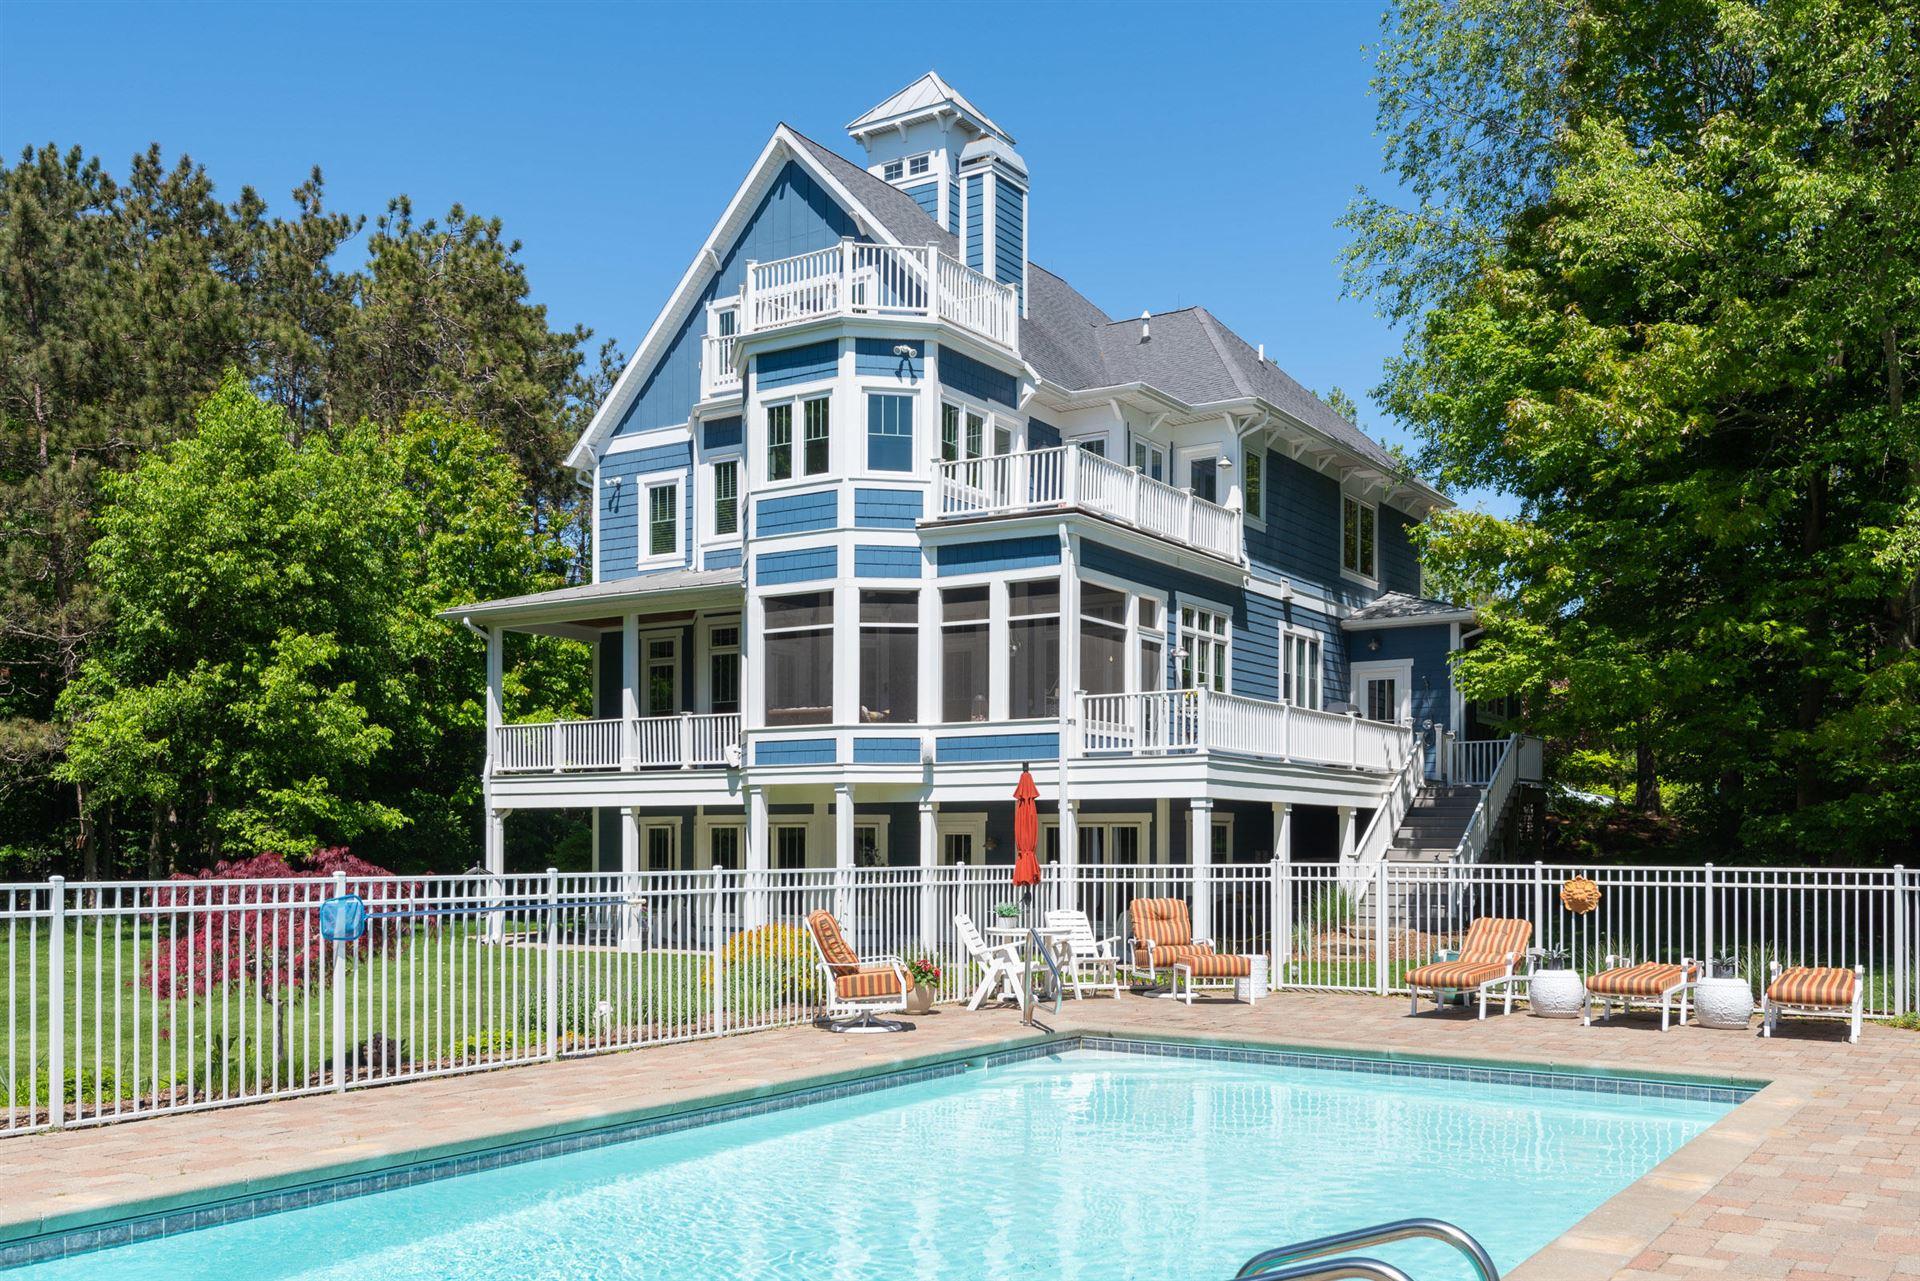 17300 Beachview Drive, West Olive, MI 49460 - MLS#: 21020065